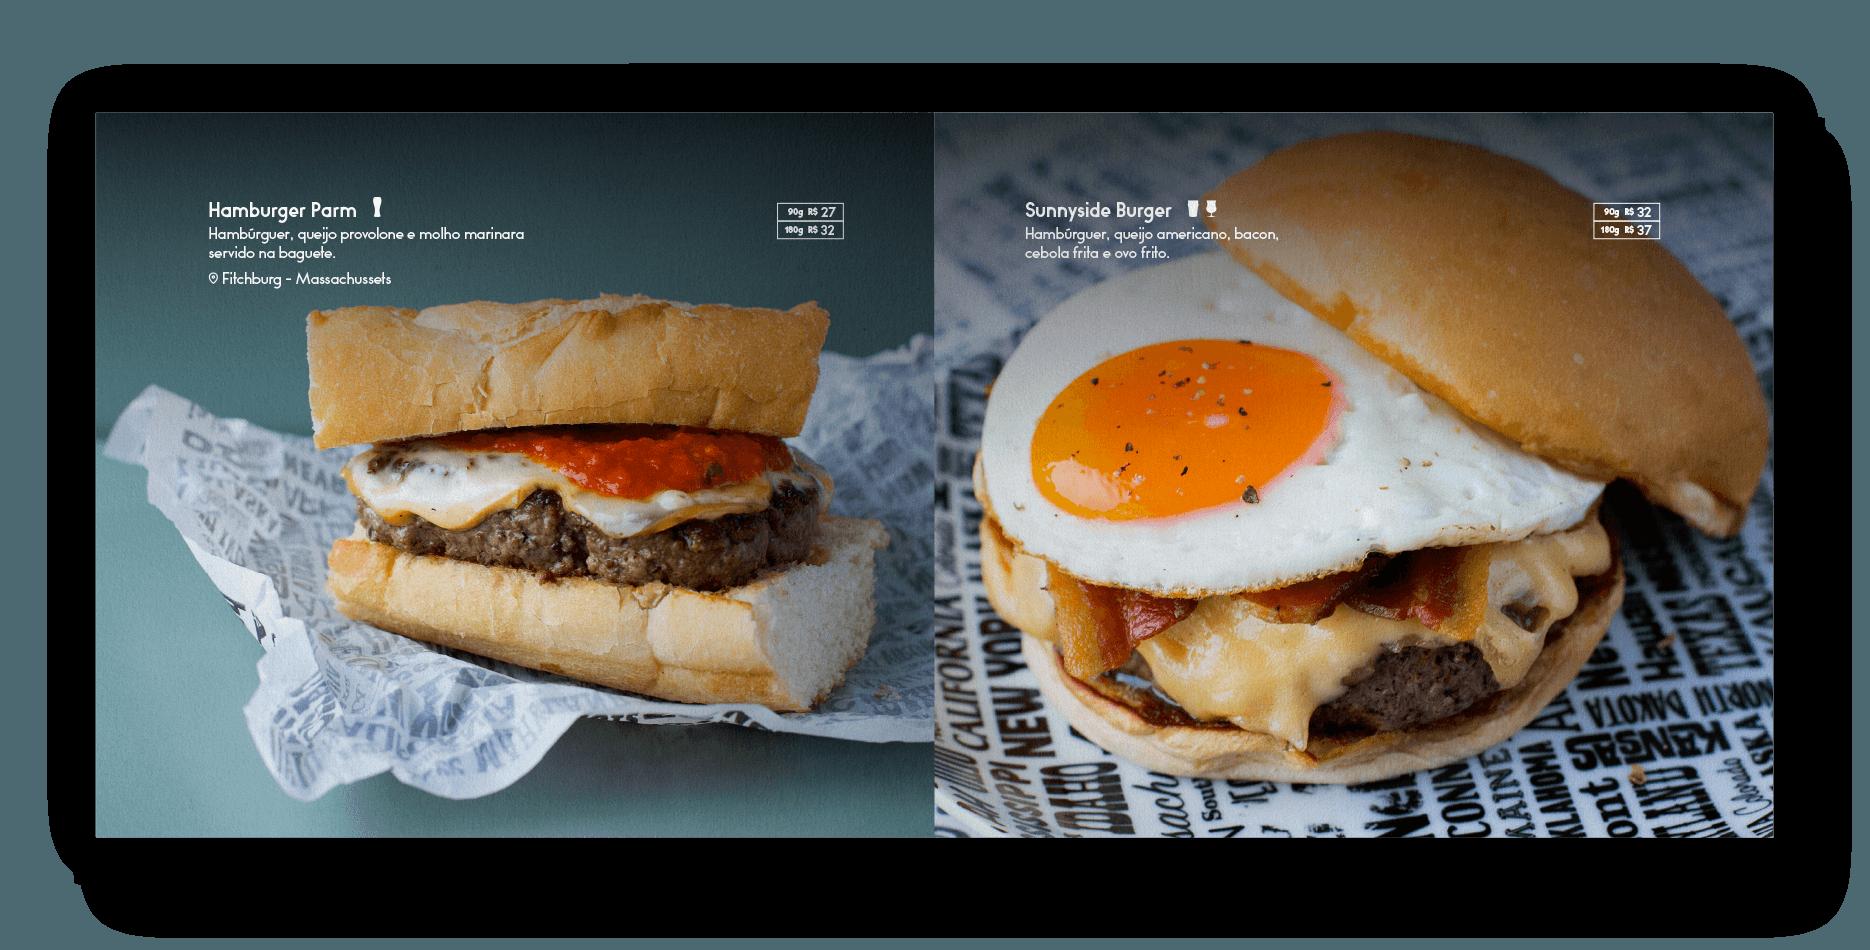 06-theburgermap-visualidentity-cardapio